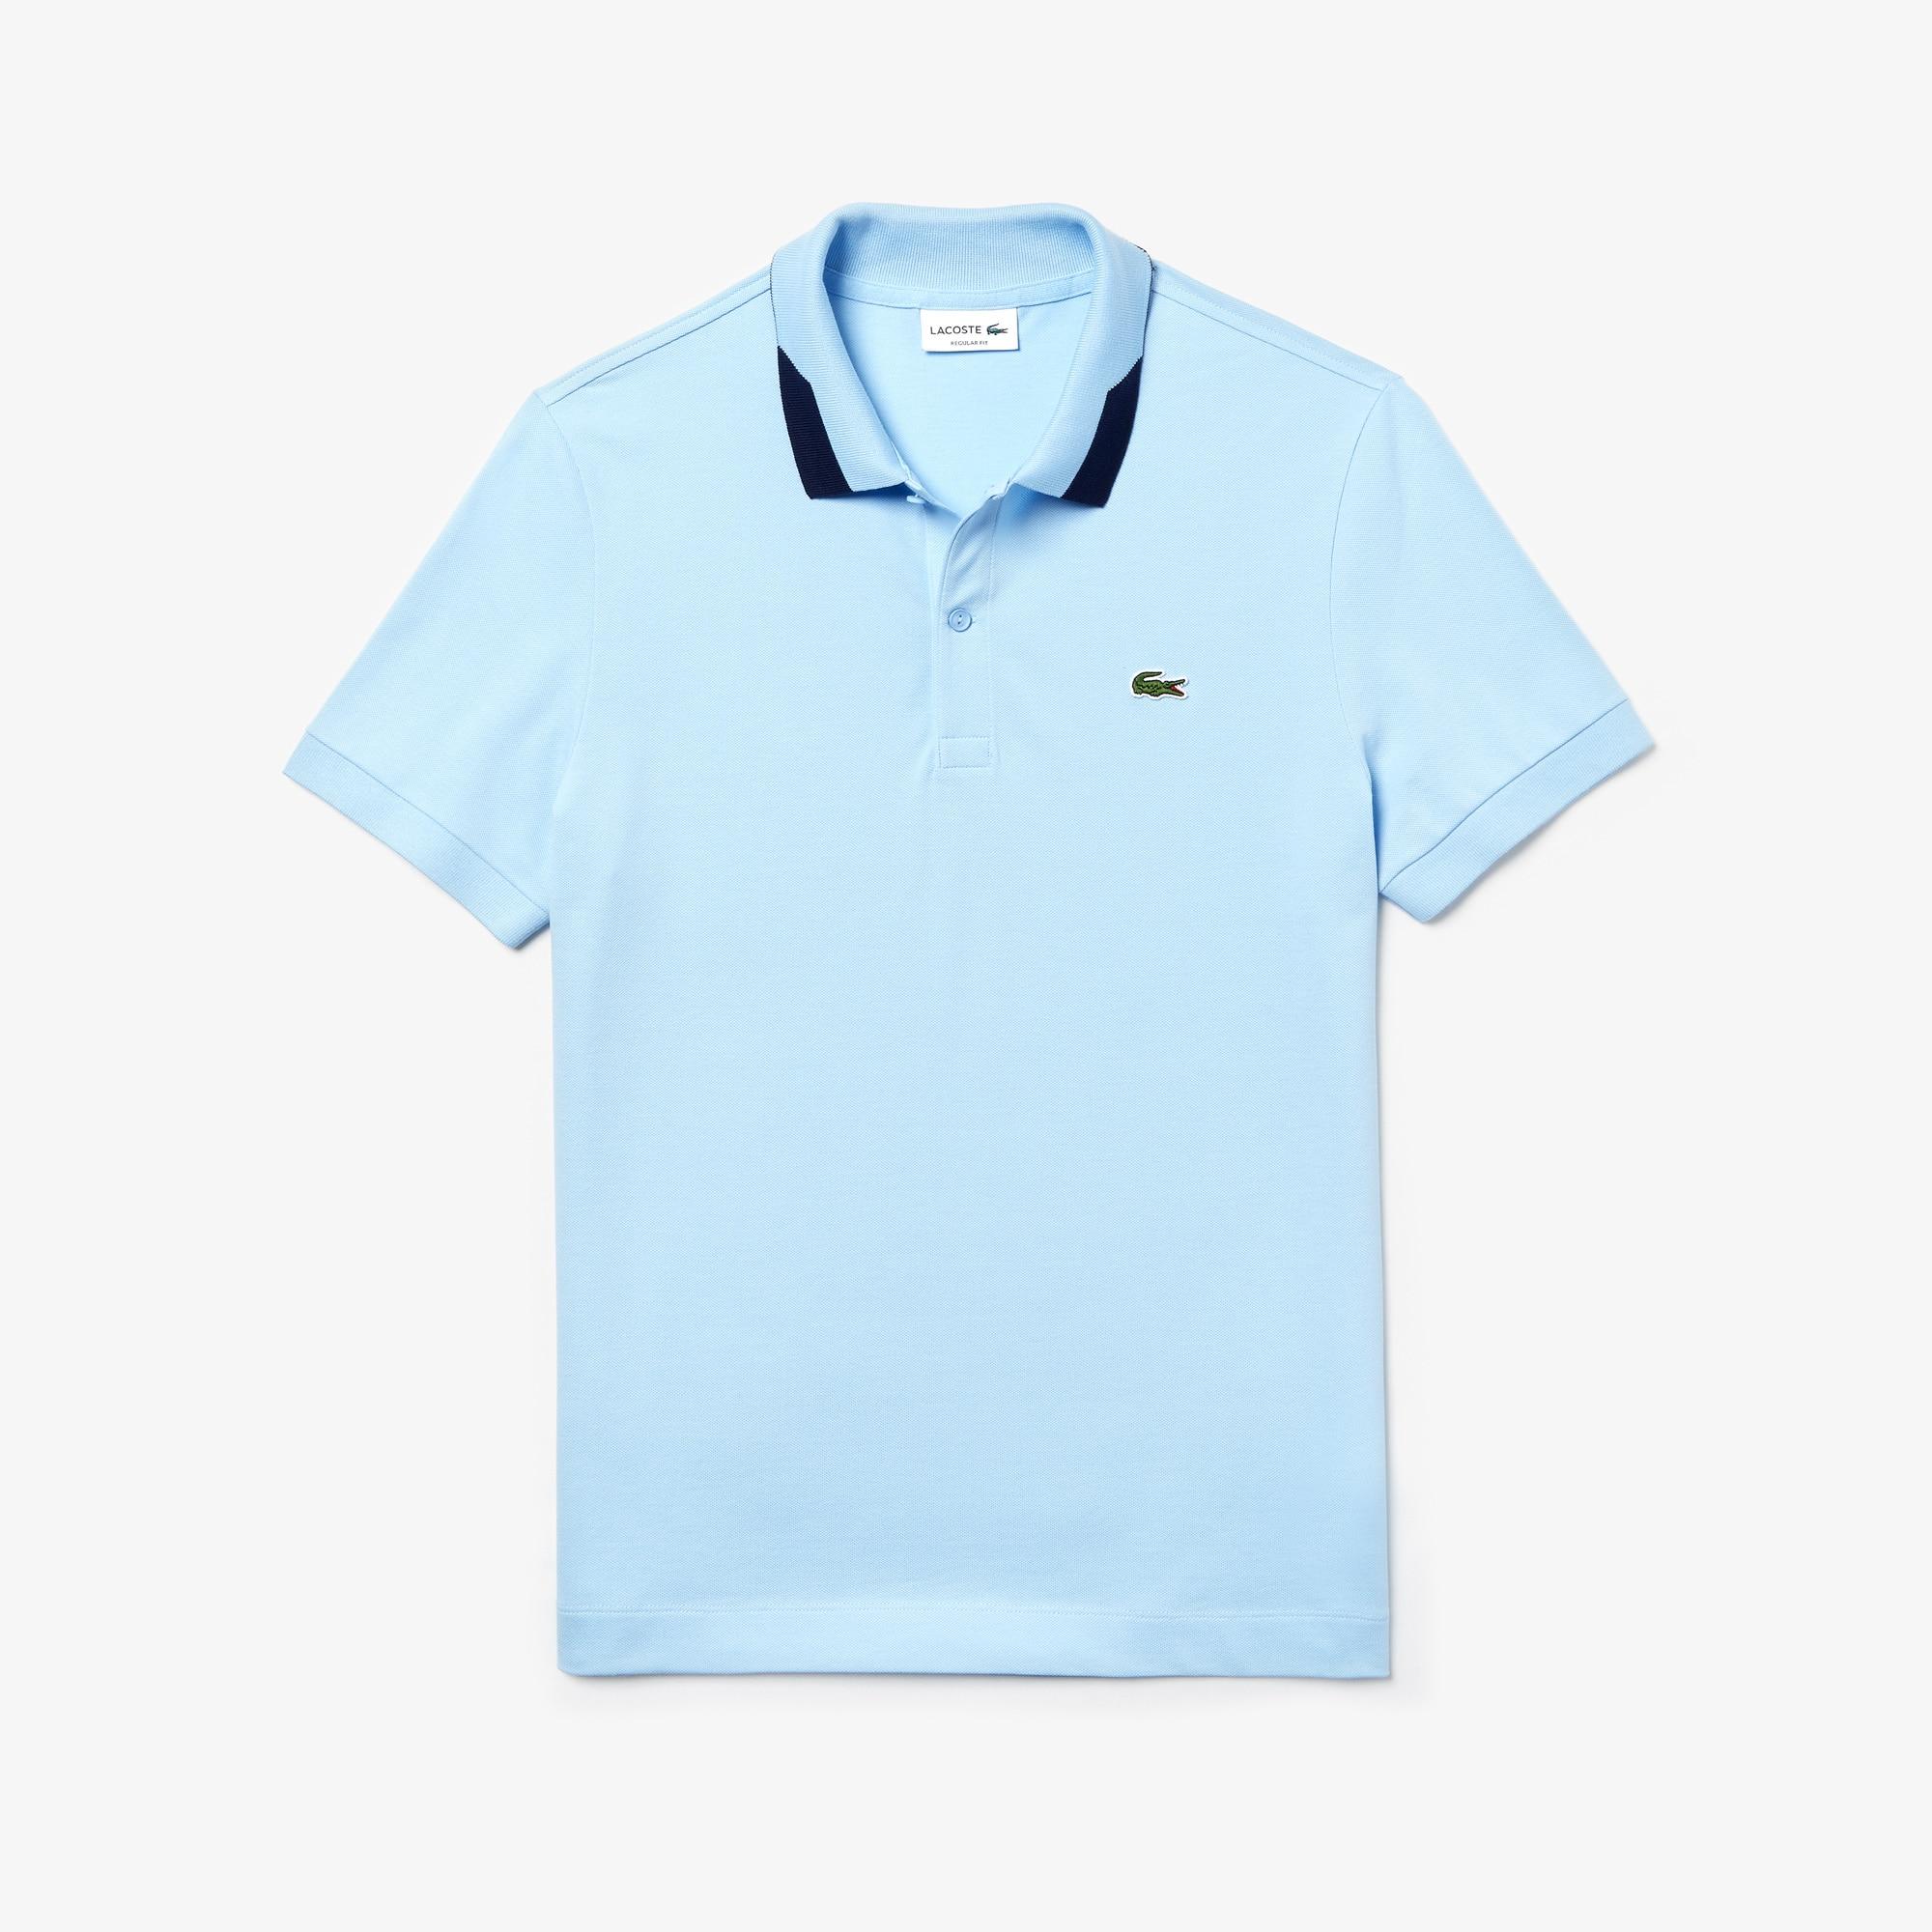 Men's Lacoste Slim Fit Contrast Accents Stretch Pima Piqué Polo Shirt